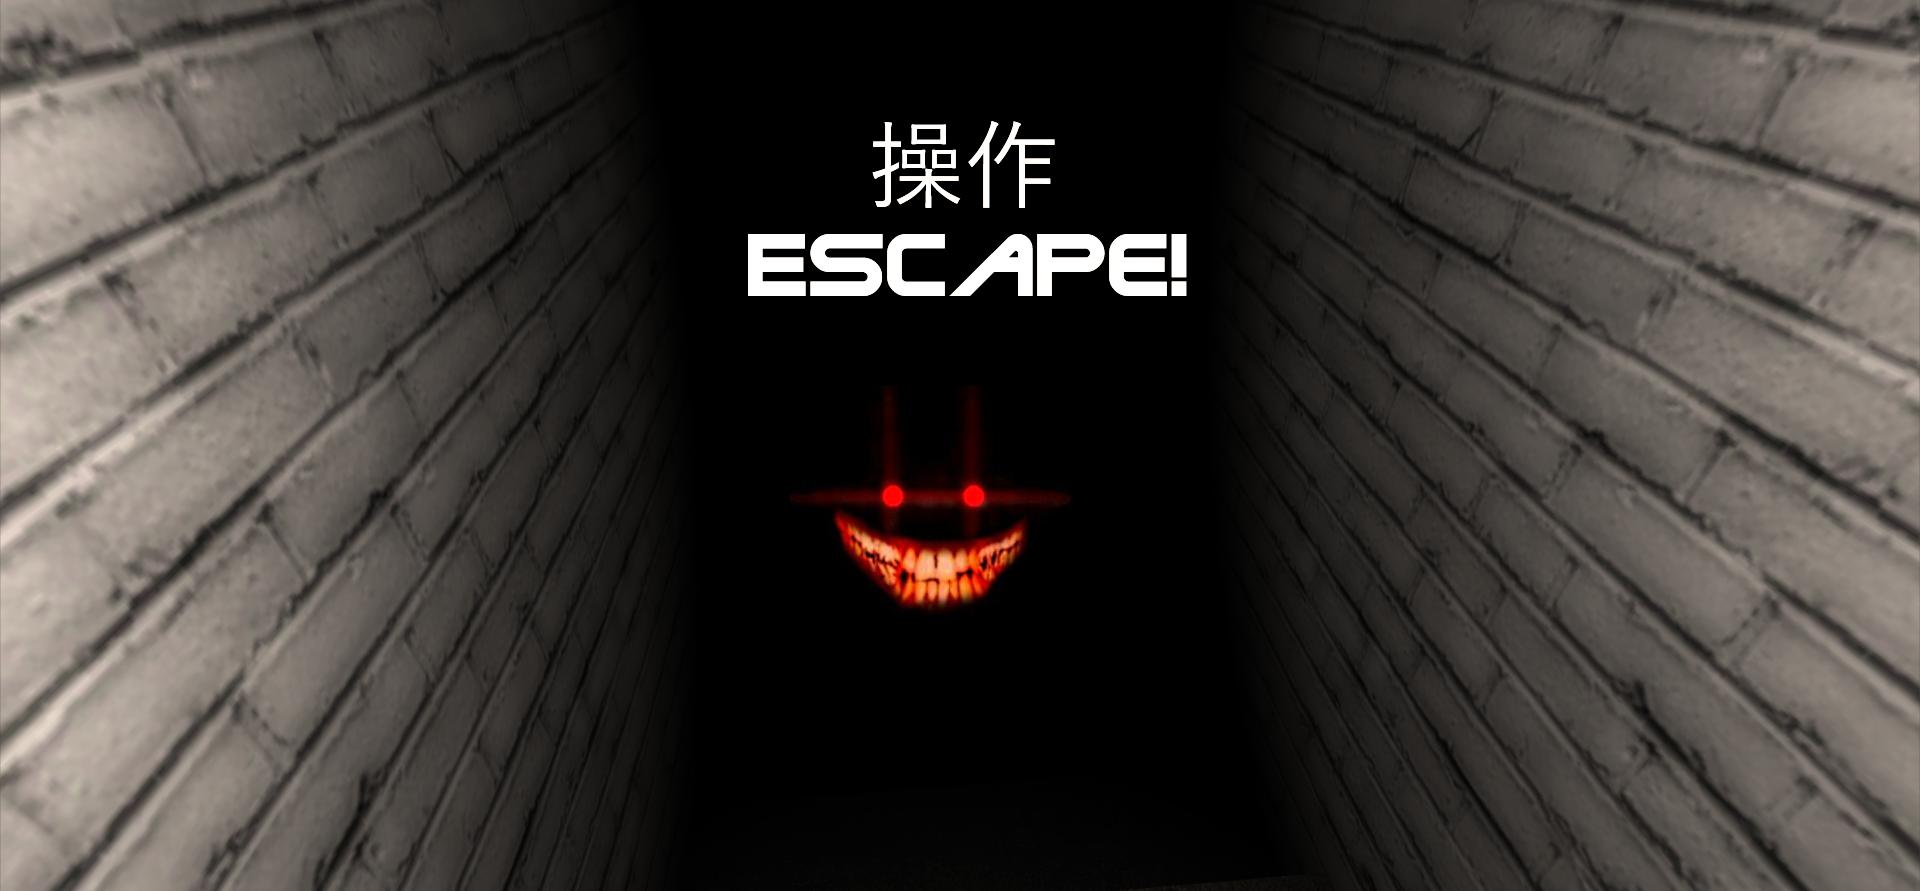 Operation Escape!